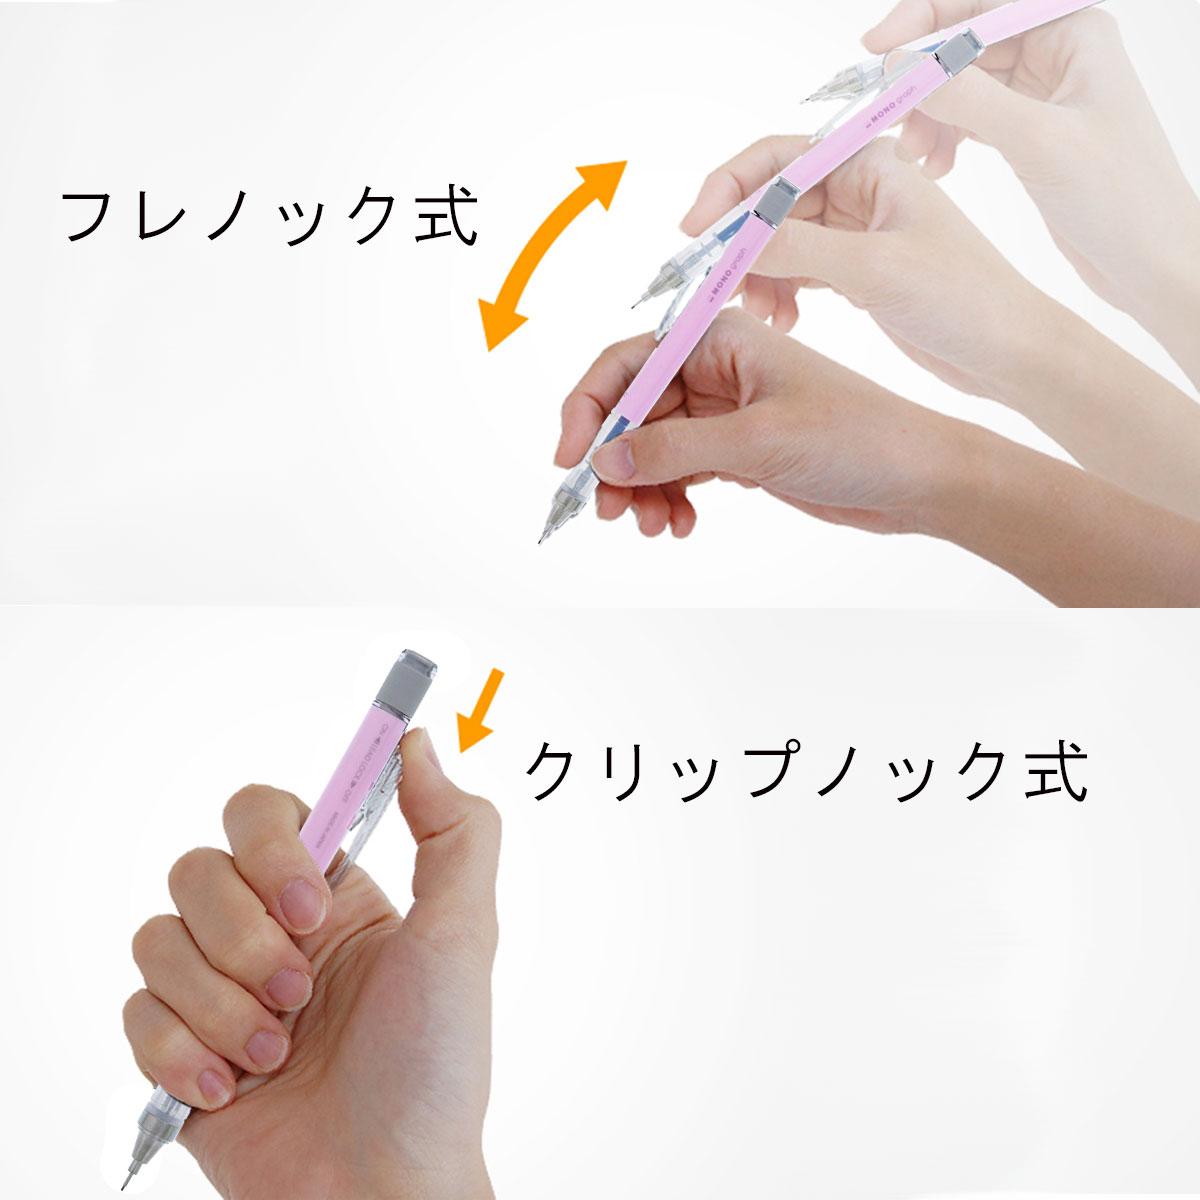 トンボ鉛筆 モノグラフ 0.5mm パステルカラー